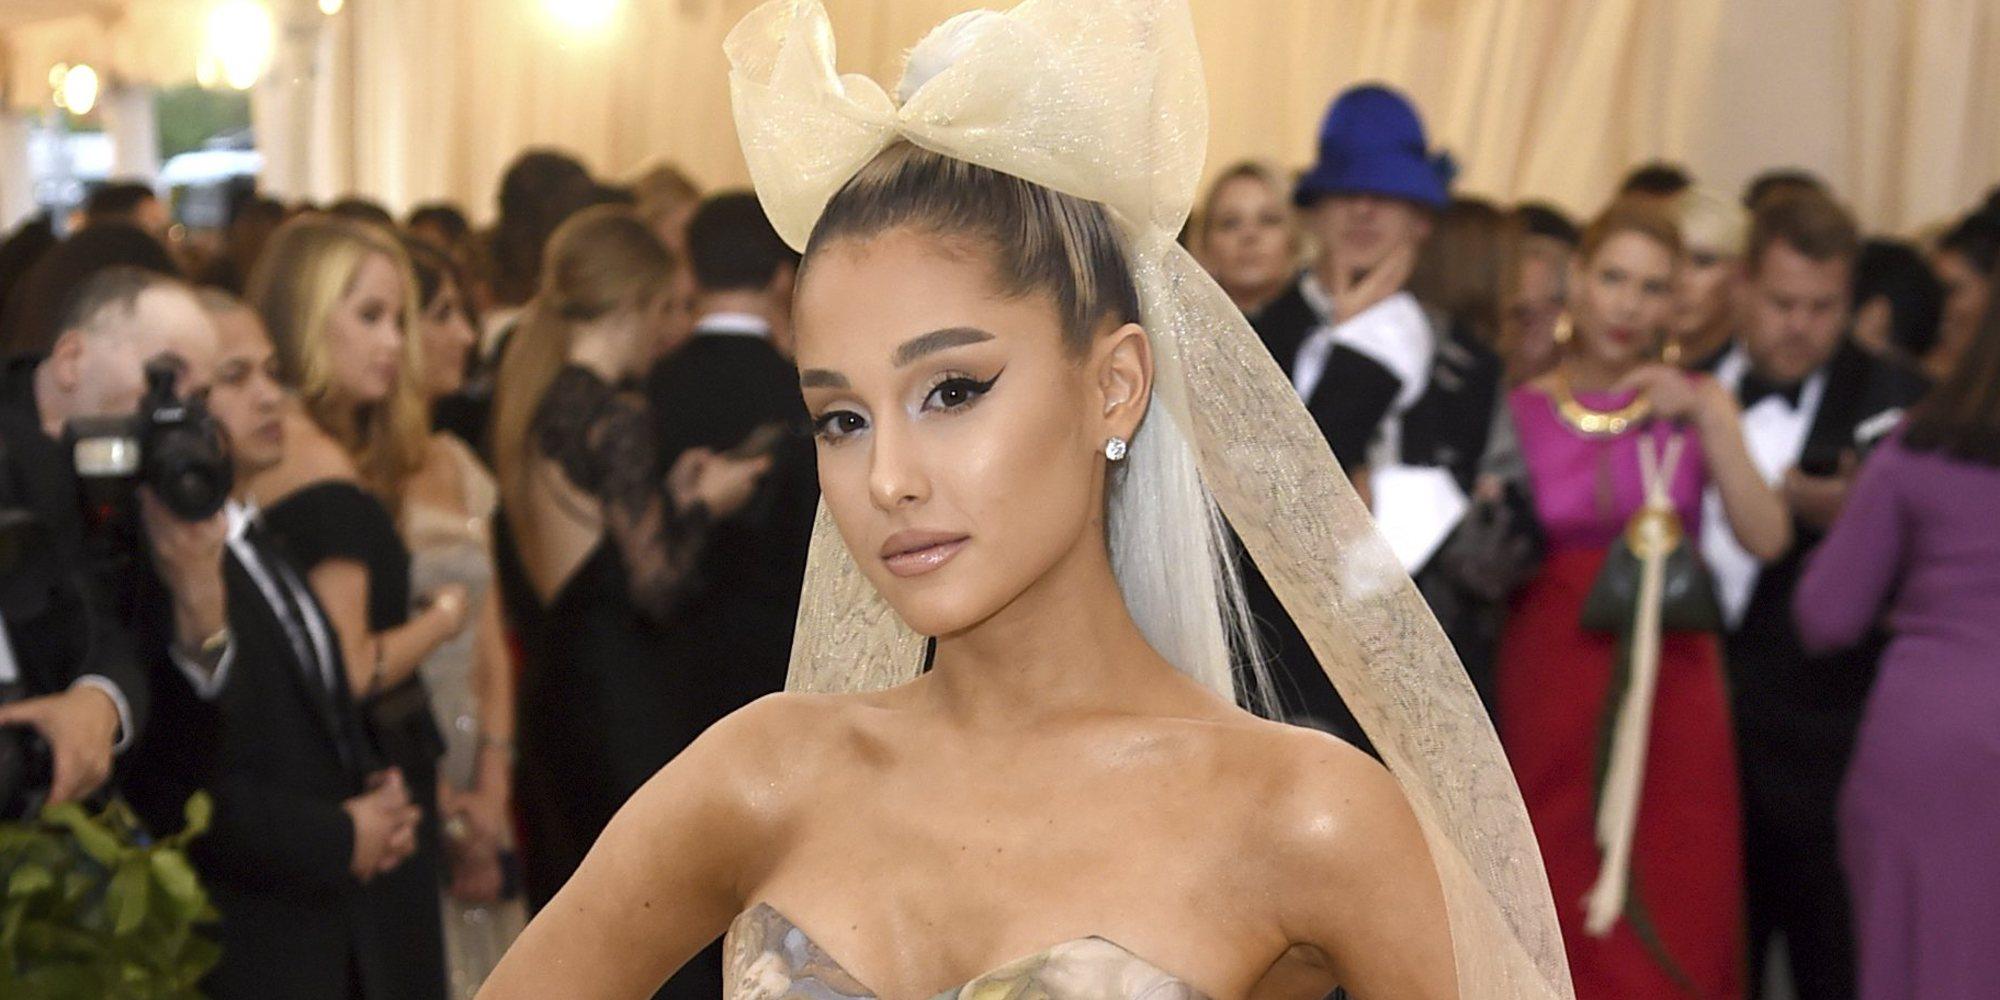 Ariana Grande recuerda a las víctimas de Manchester en el primer aniversario del atentado